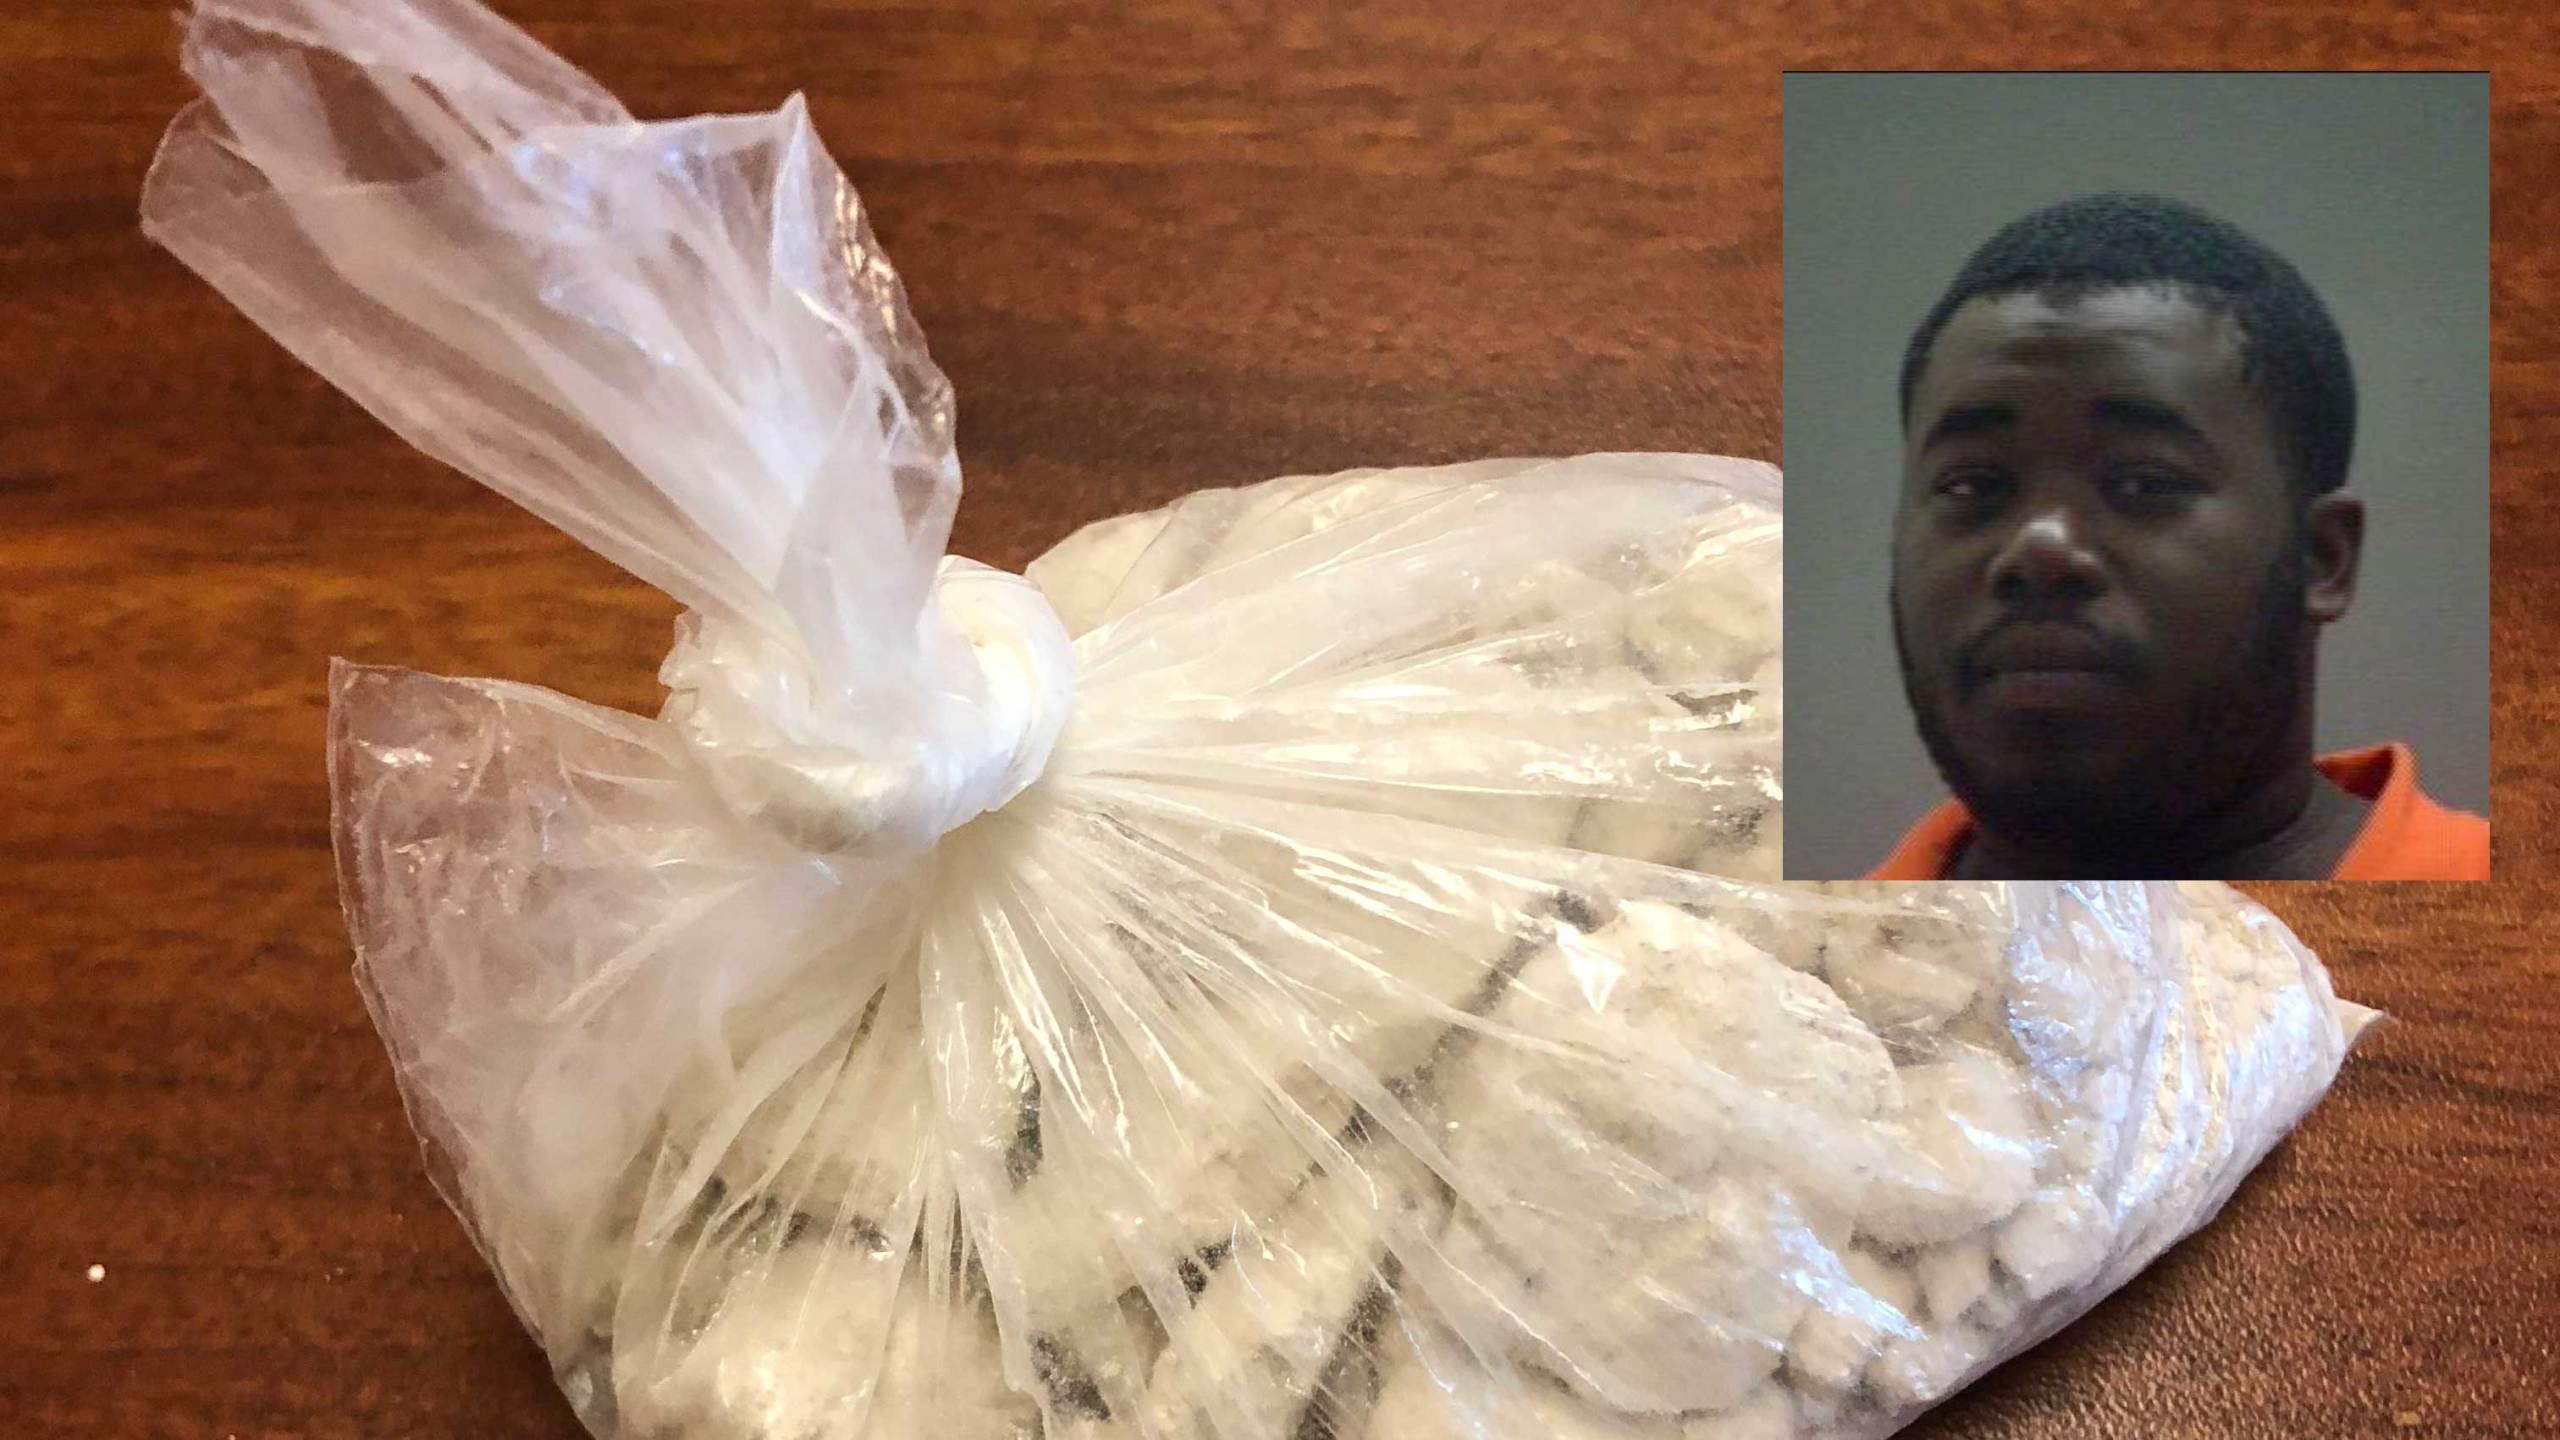 heroin-arrest-edgecombe_1533070130795.JPG